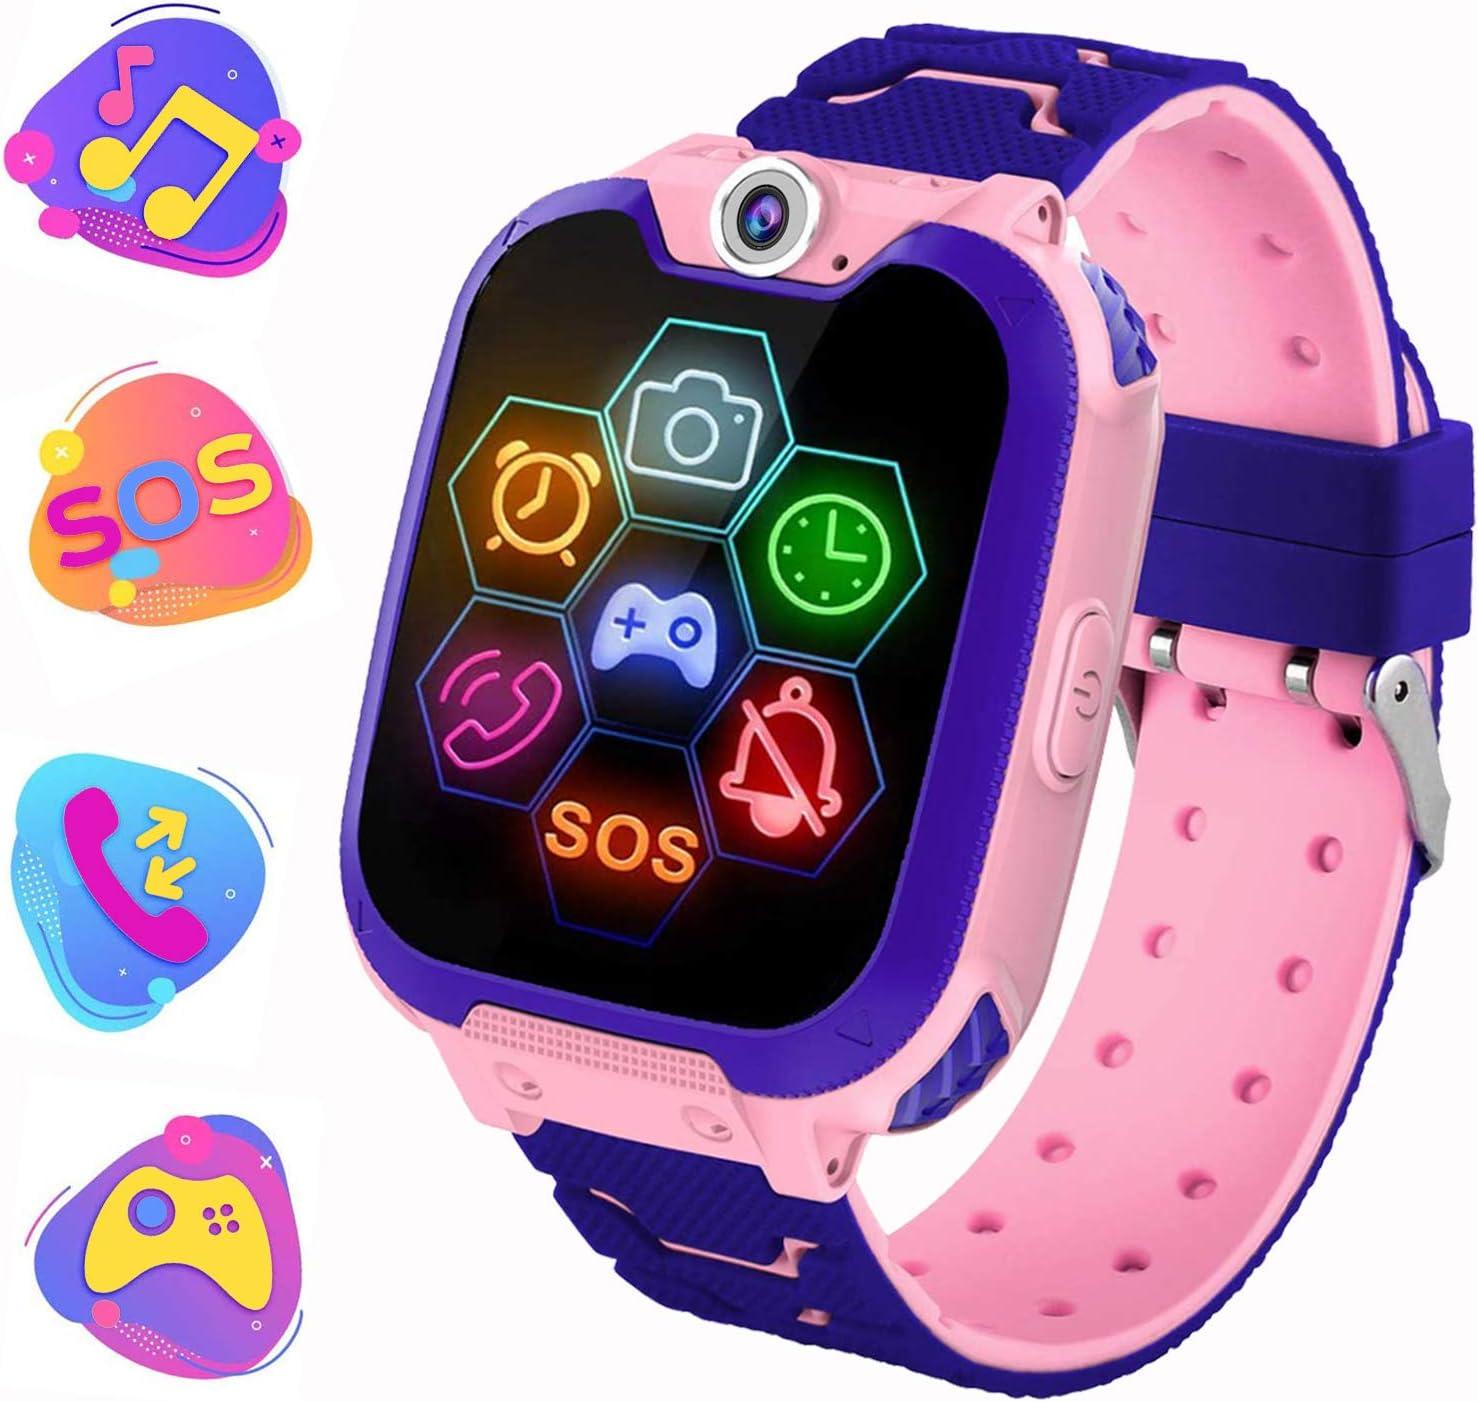 PTHTECHUS Reloj Inteligente para Juegos Infantiles con MP3 Player - [1GB Micro SD Incluido] Llamada de Pantalla táctil de 2 vías Juego de Alarma cámara Reloj Regalo de Juguete de cumpleaños (Rosa)